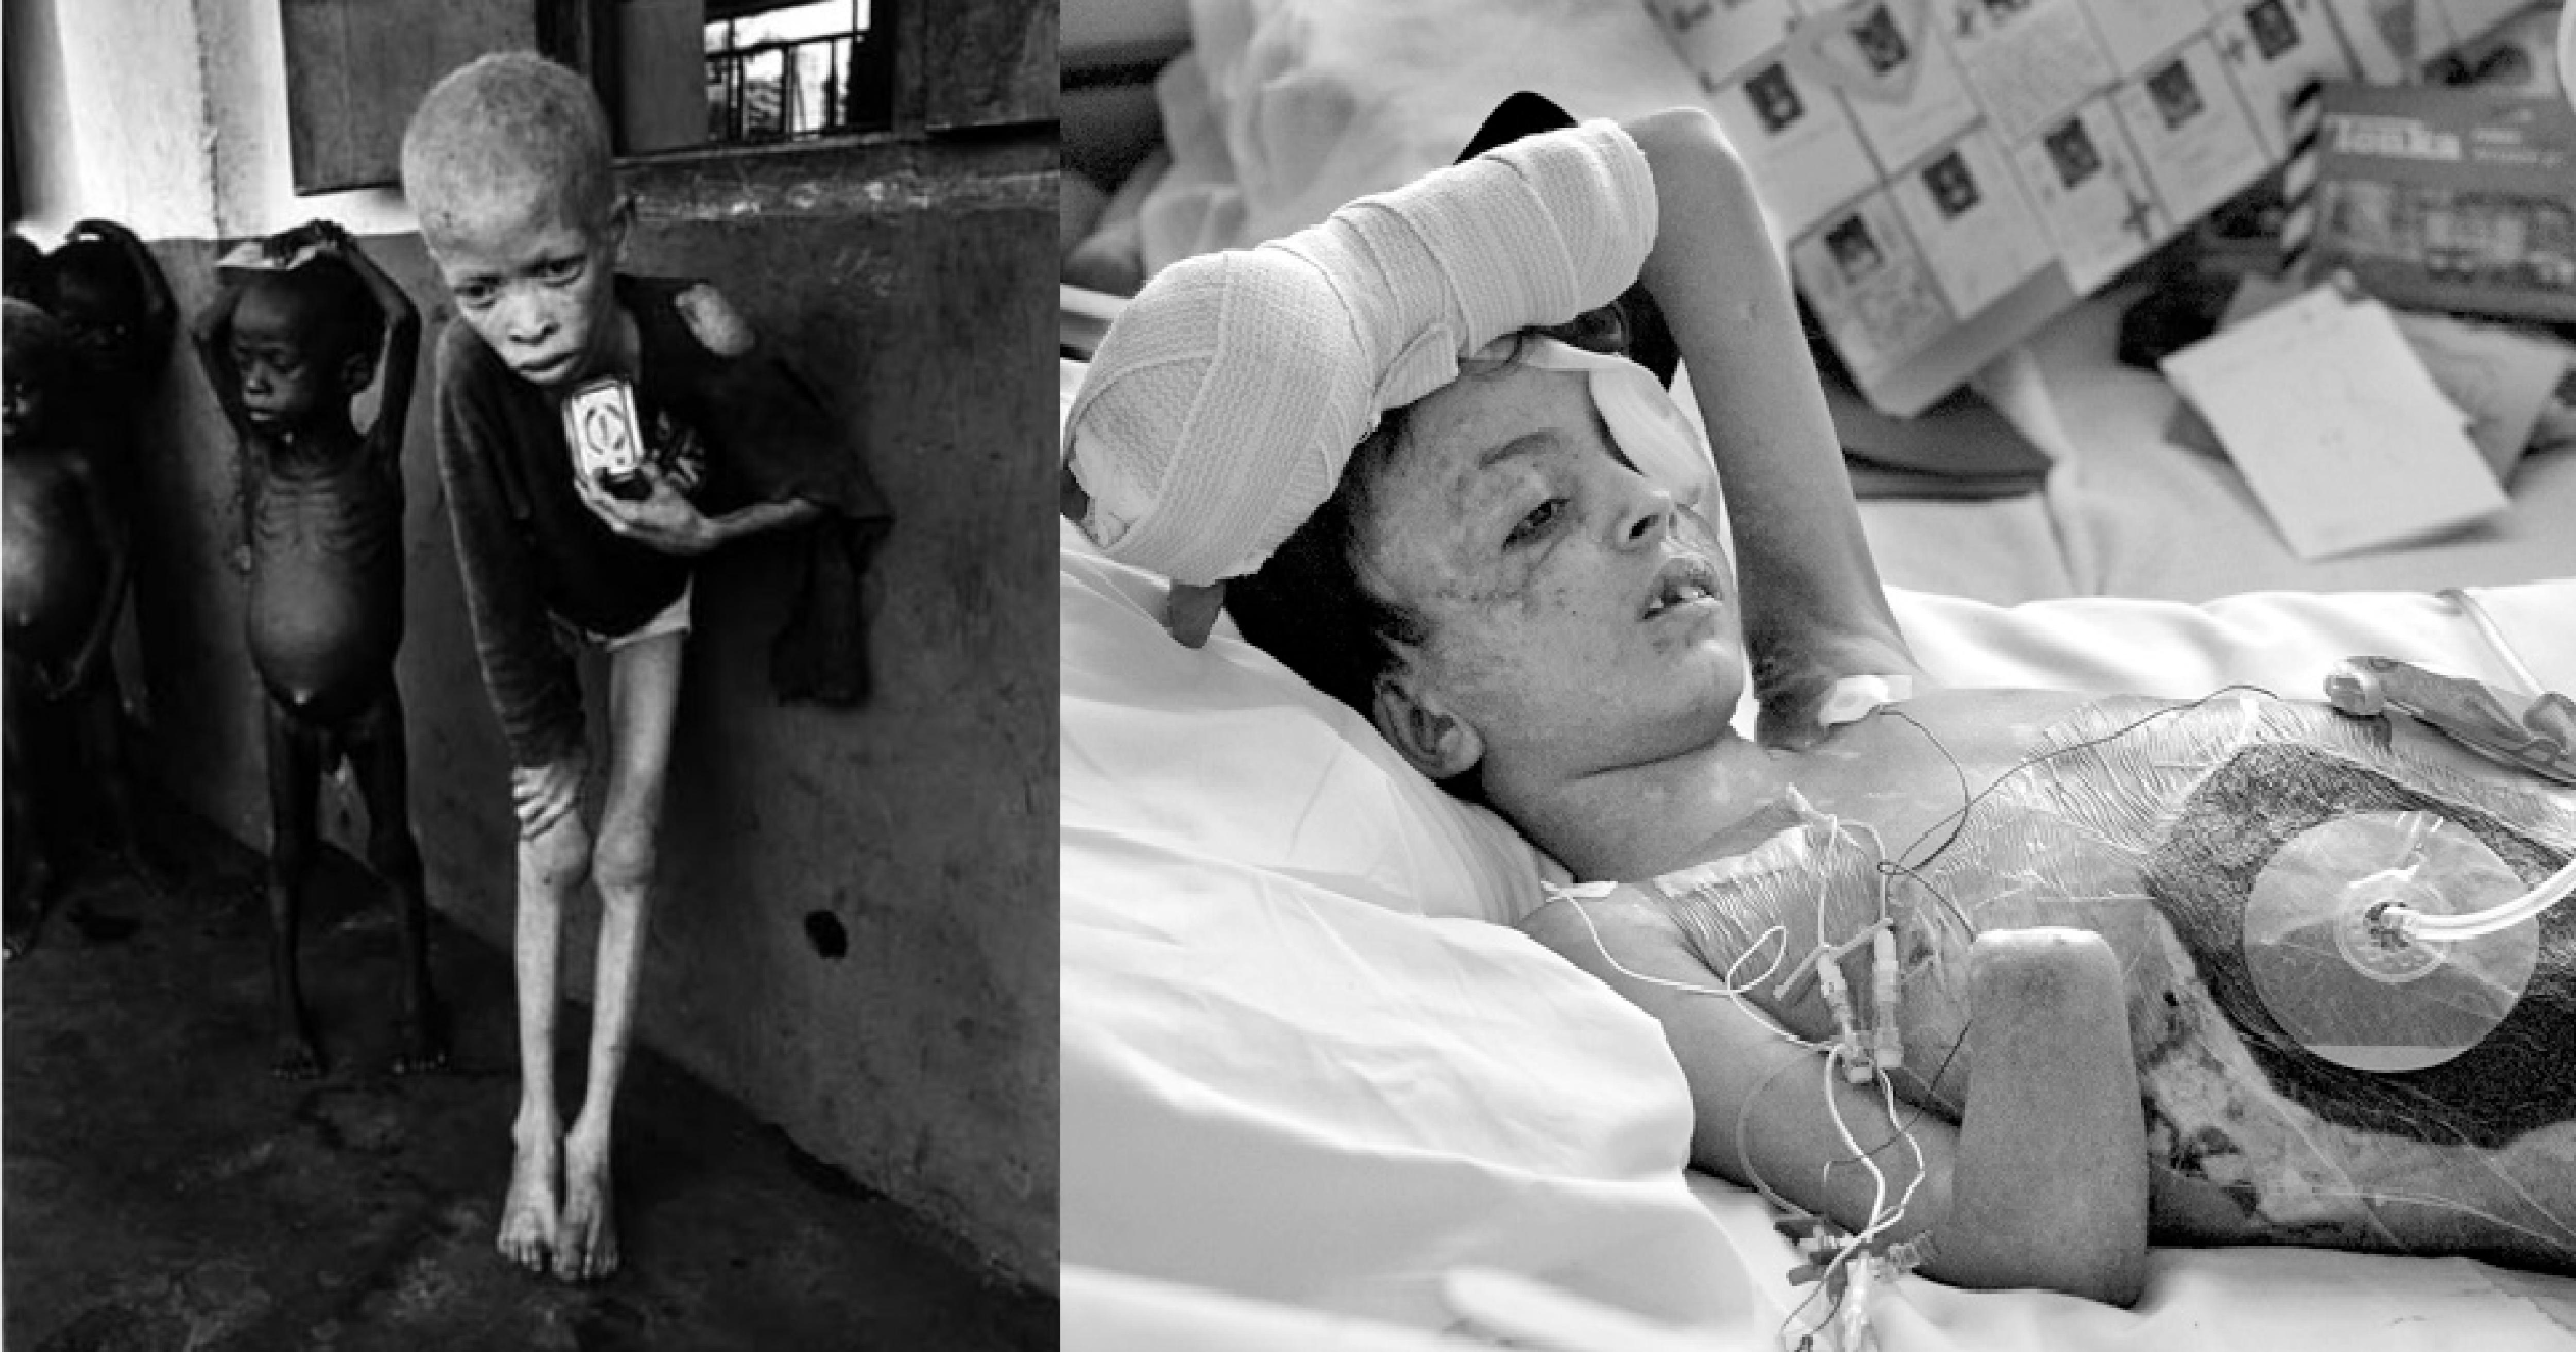 e5b081e99da2 e5b7a5e4bd9ce58d80e59f9f 1 9.png - 請小心服用...無情戰火、飢荒肆虐,這12張照片揭露人類歷史最黑暗的一頁